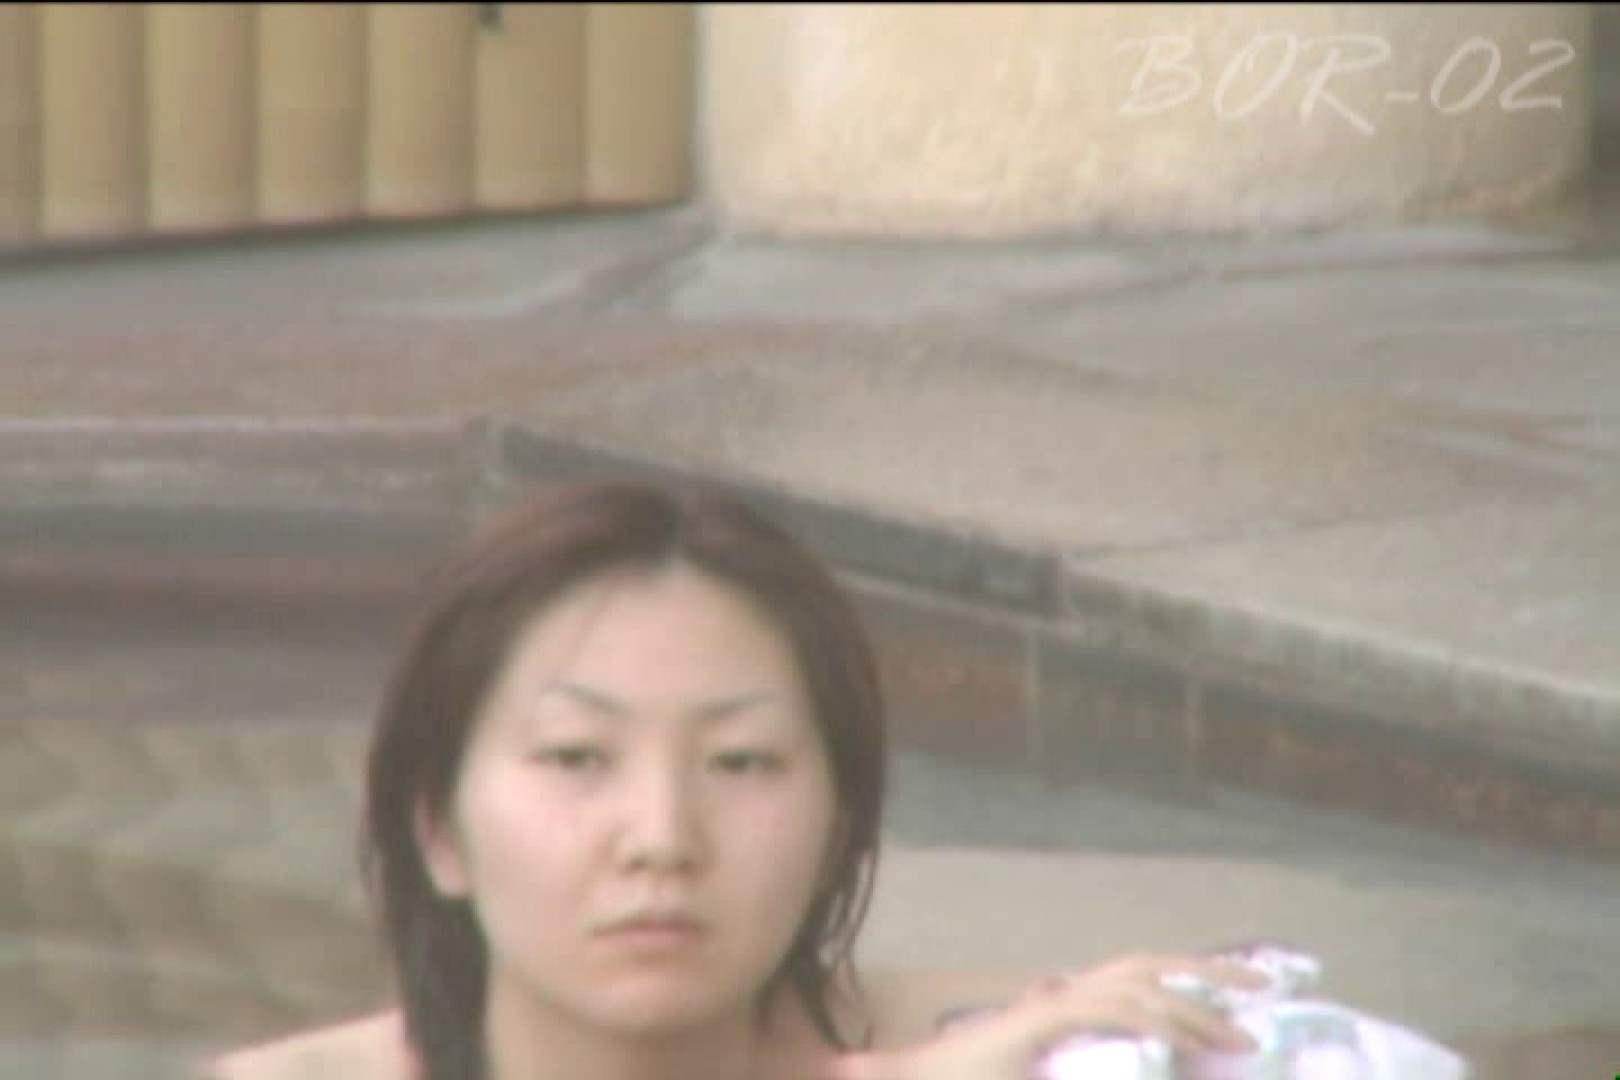 Aquaな露天風呂Vol.479 盗撮師作品 セックス無修正動画無料 92pic 68